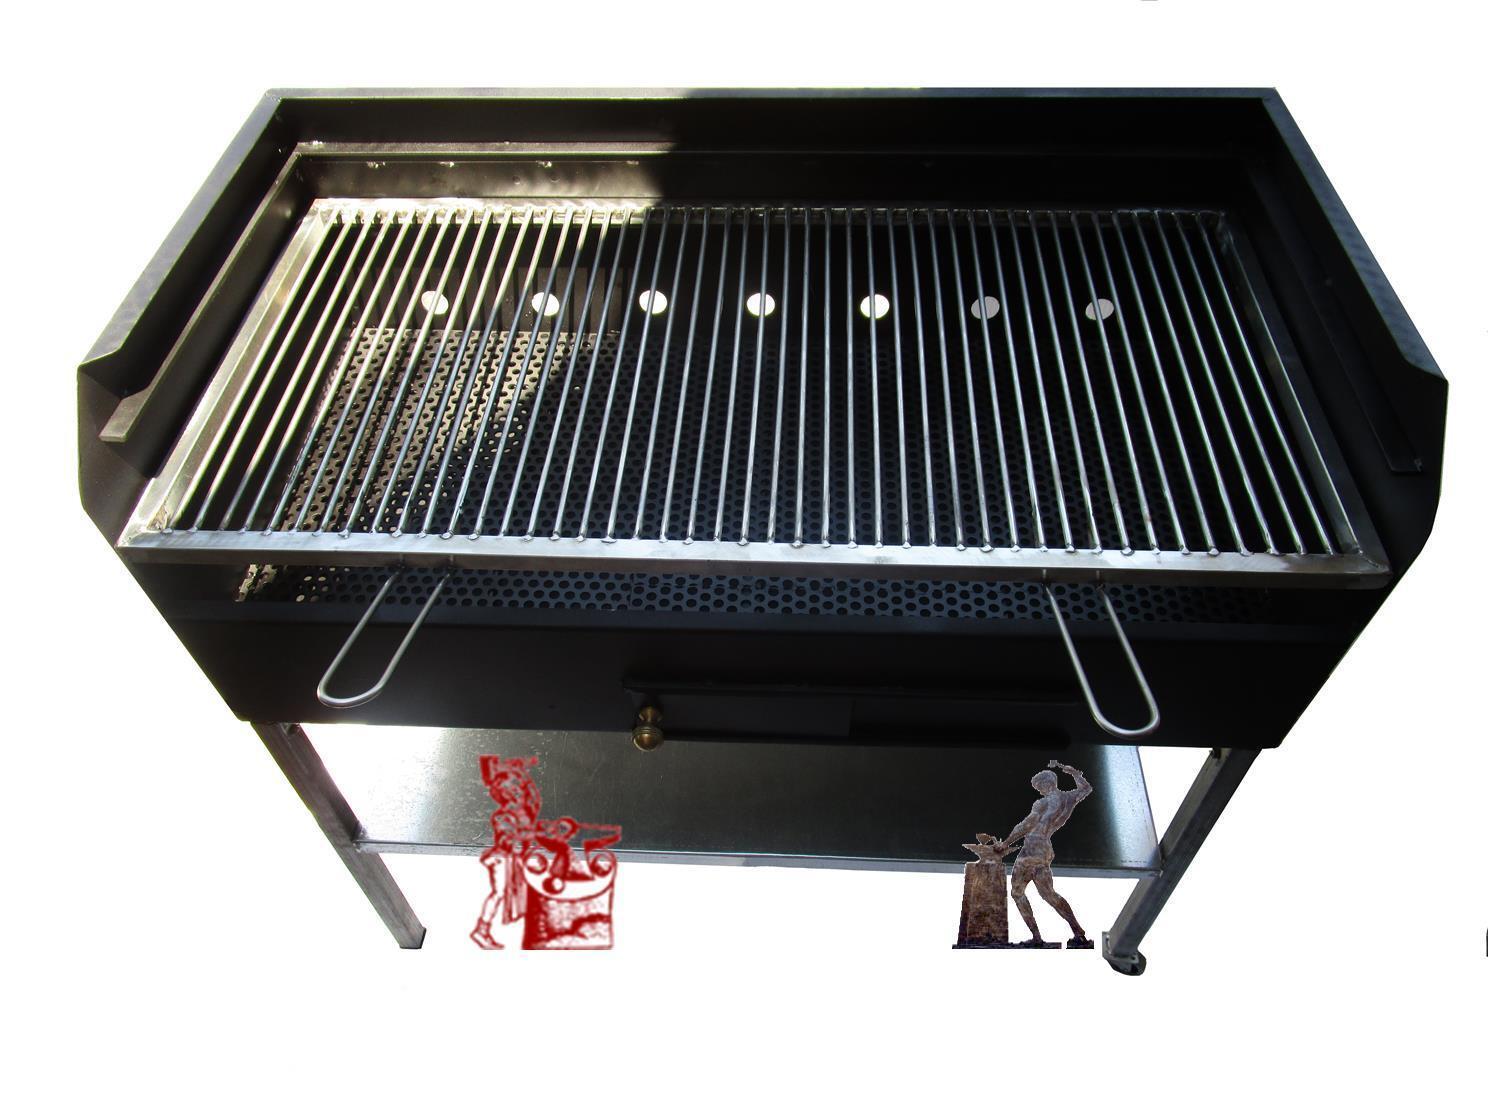 Barbecue con griglia in acciaio inox larghezza 100 cm.